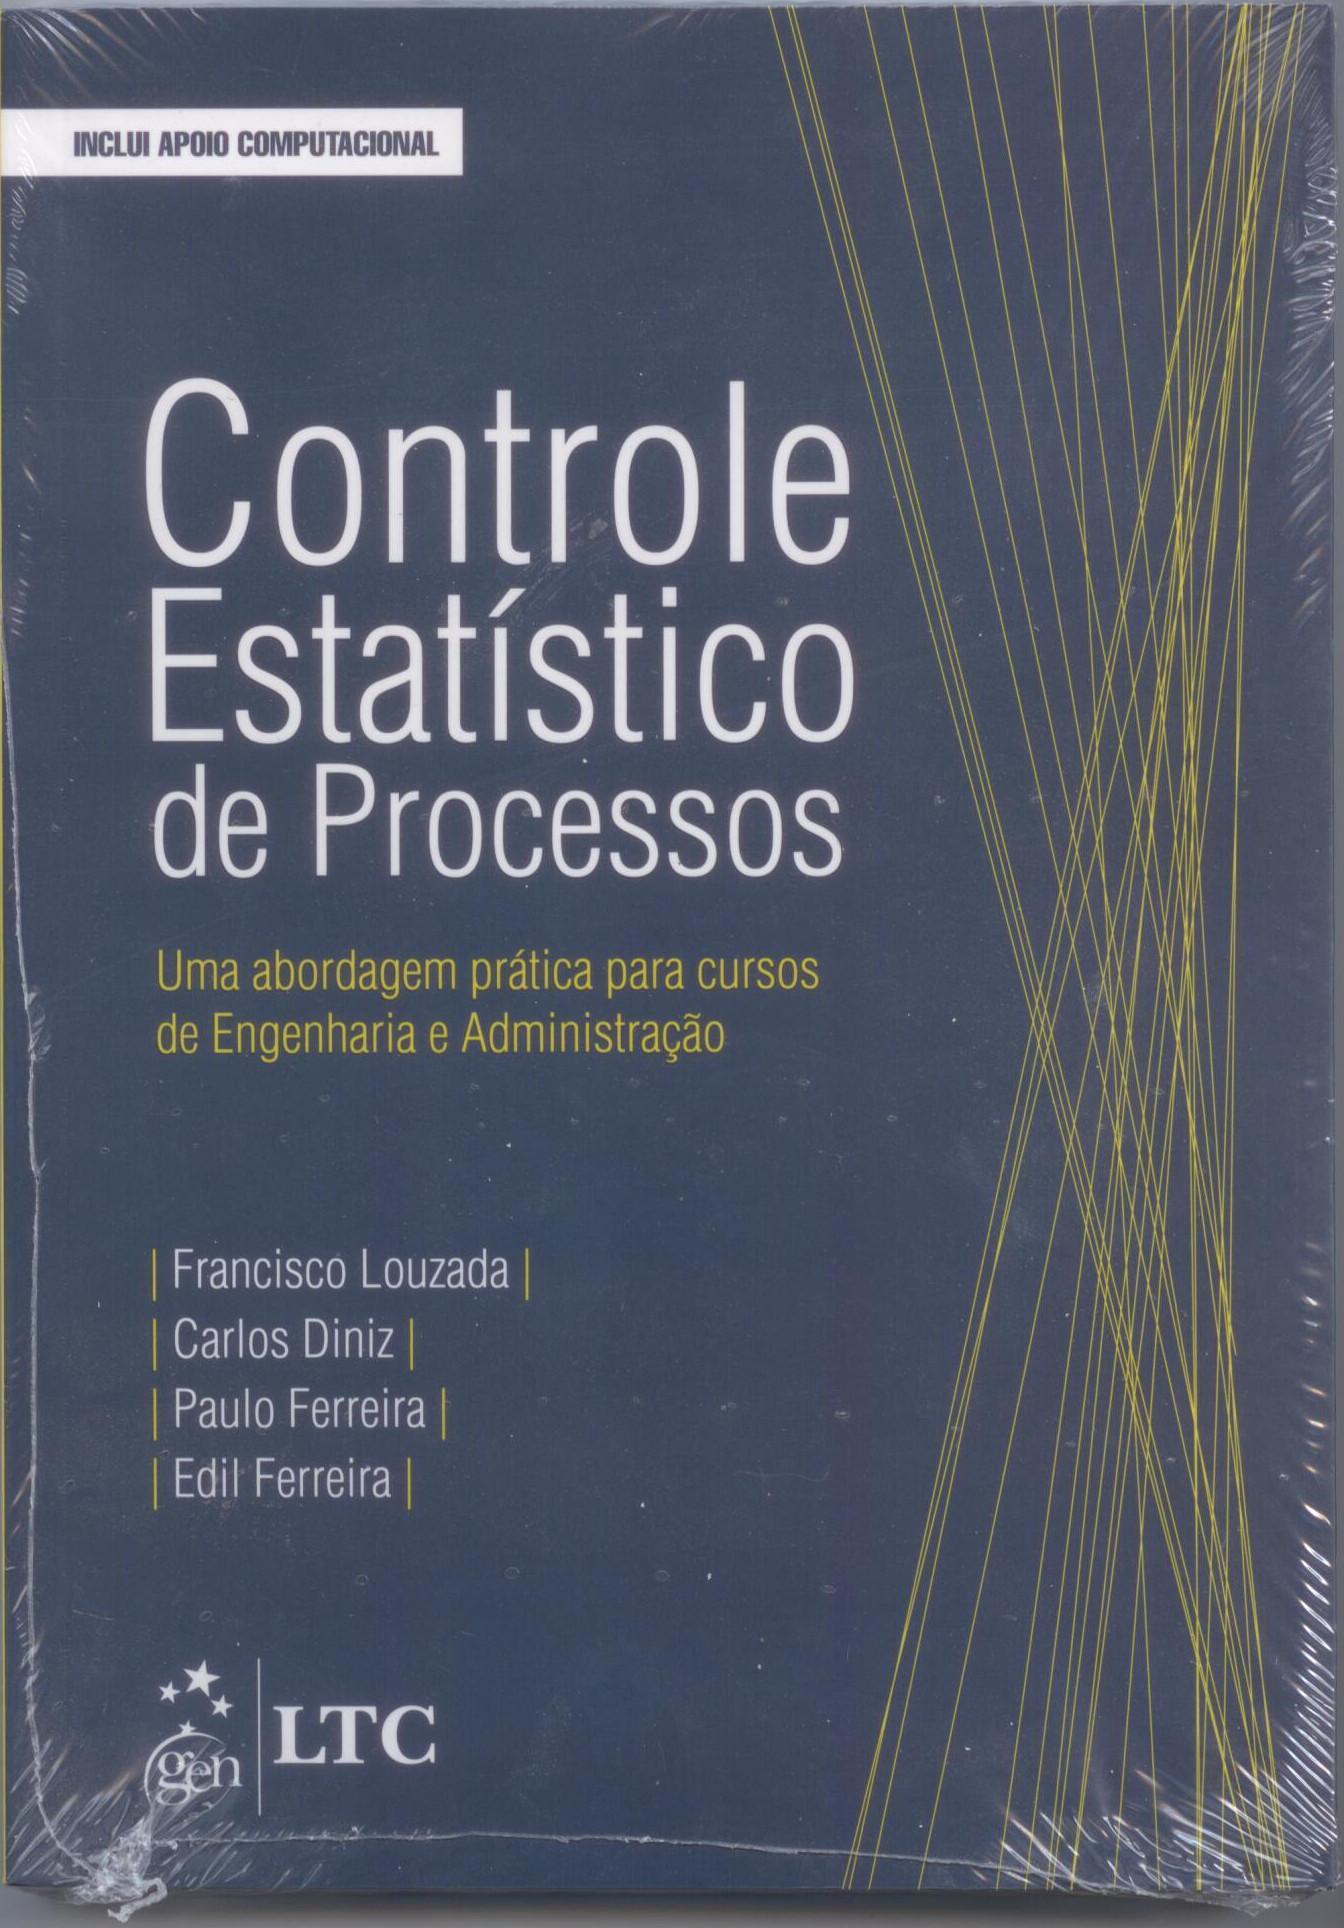 Controle Estatistico de Processos Francisco, Carlos, Paulo e Edil